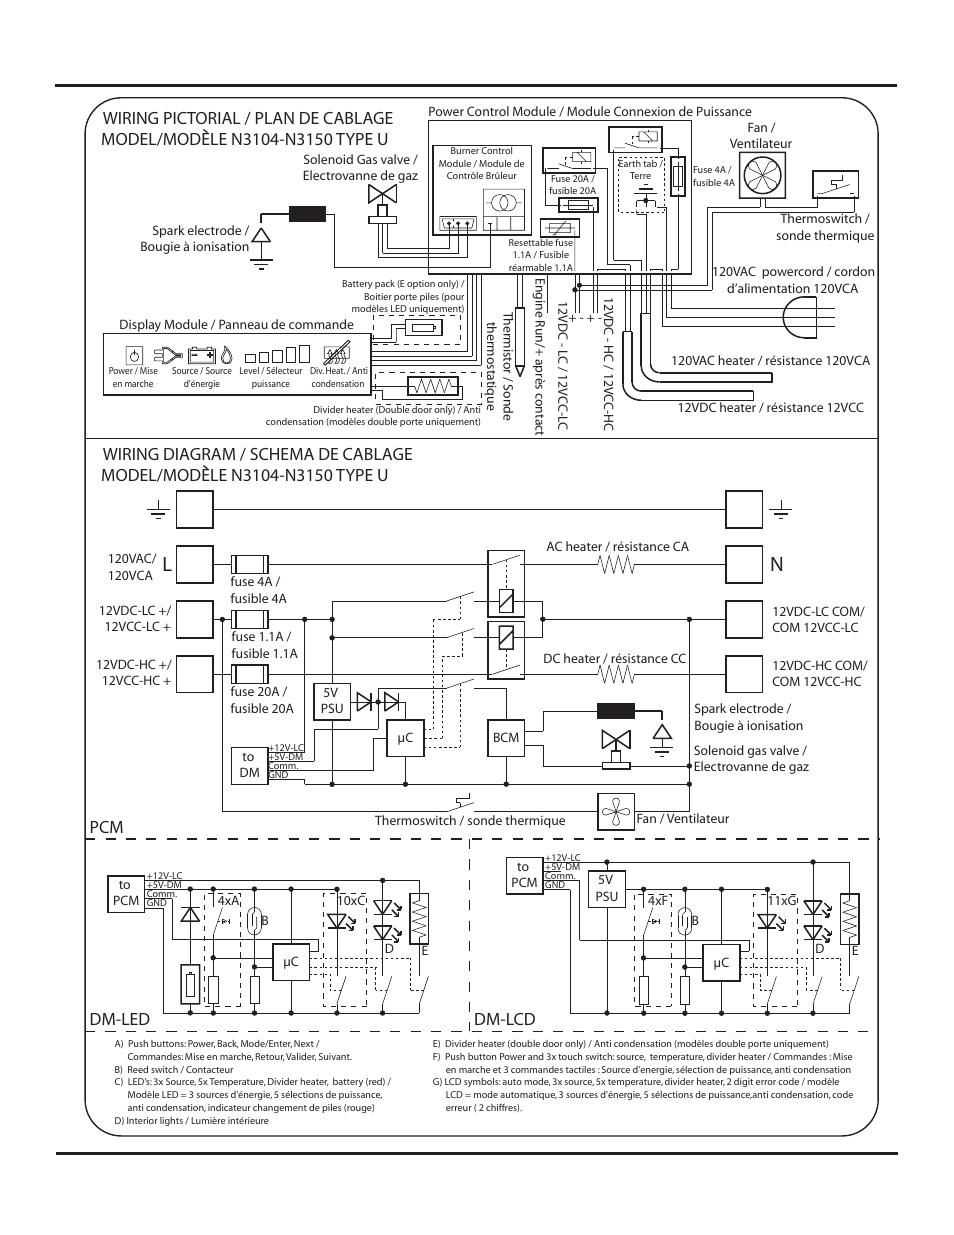 Graphique et schéma de câblage, Pcm dm-led dm-lcd